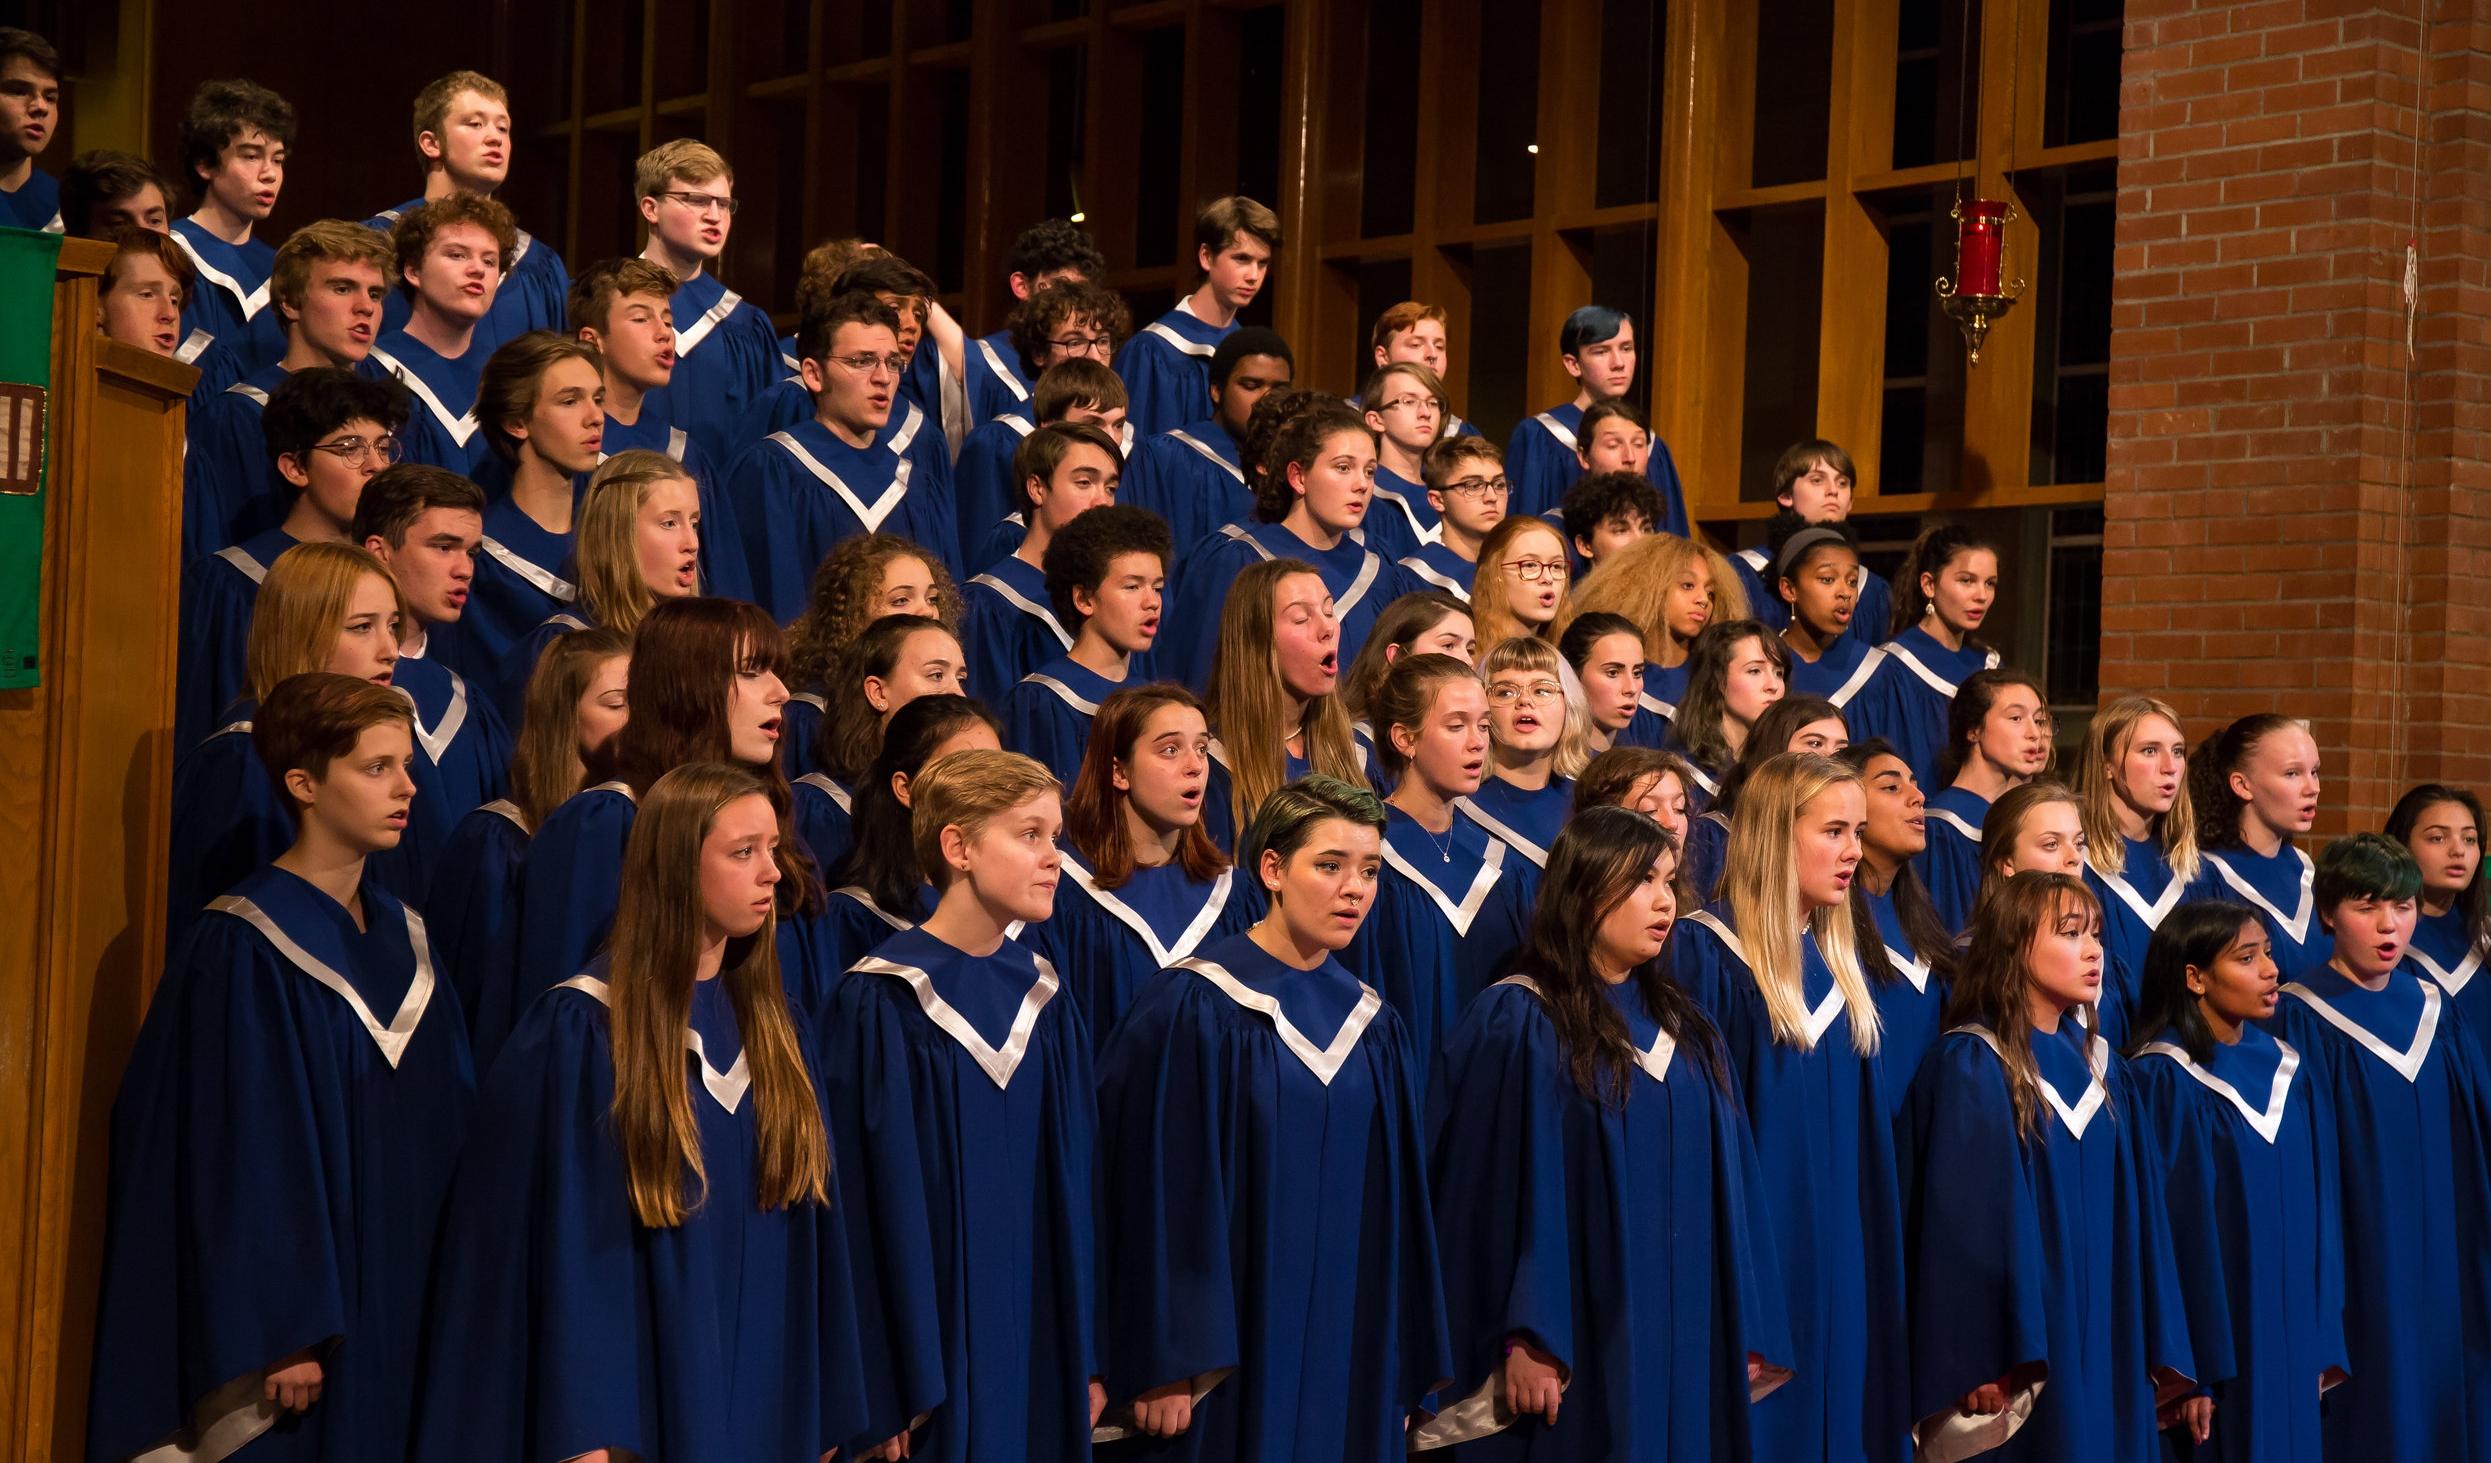 A Cappella at the 2017 Fall Concert.